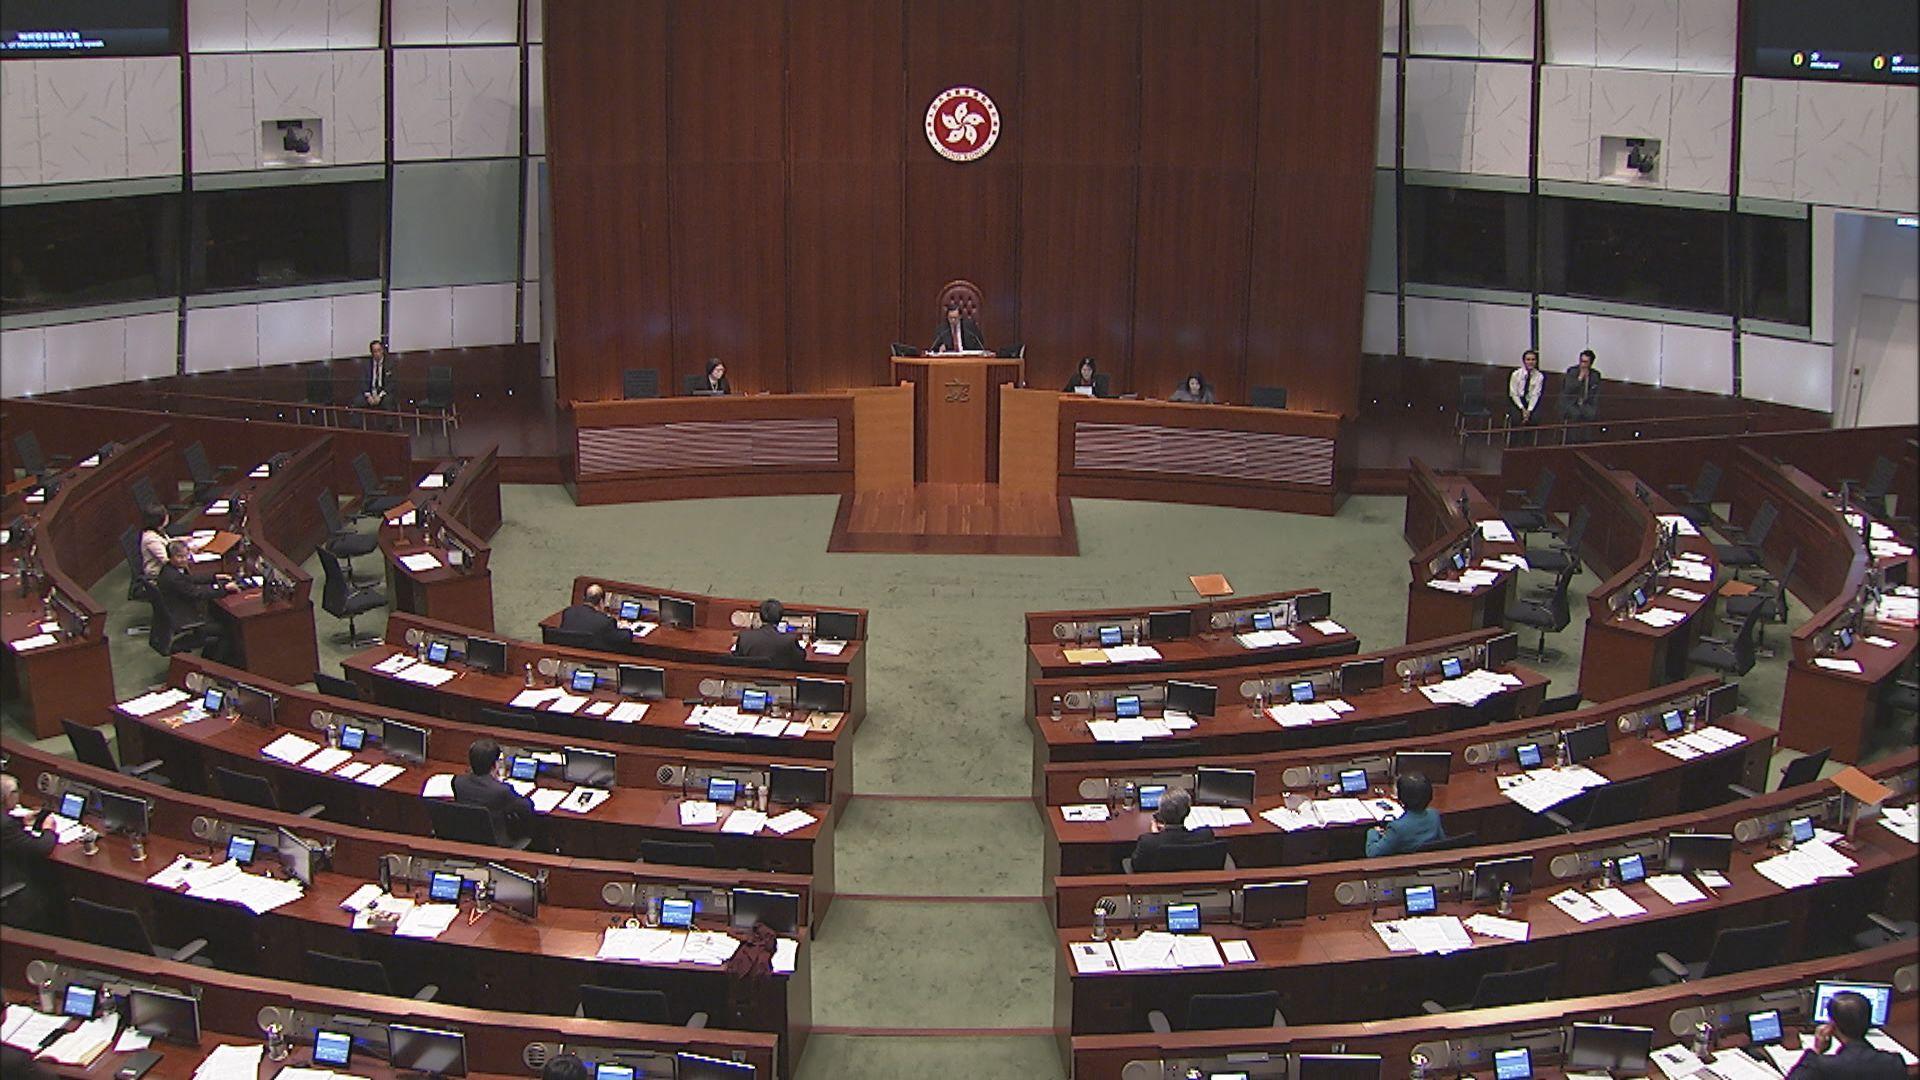 單程證議案因楊岳橋不在席不獲處理